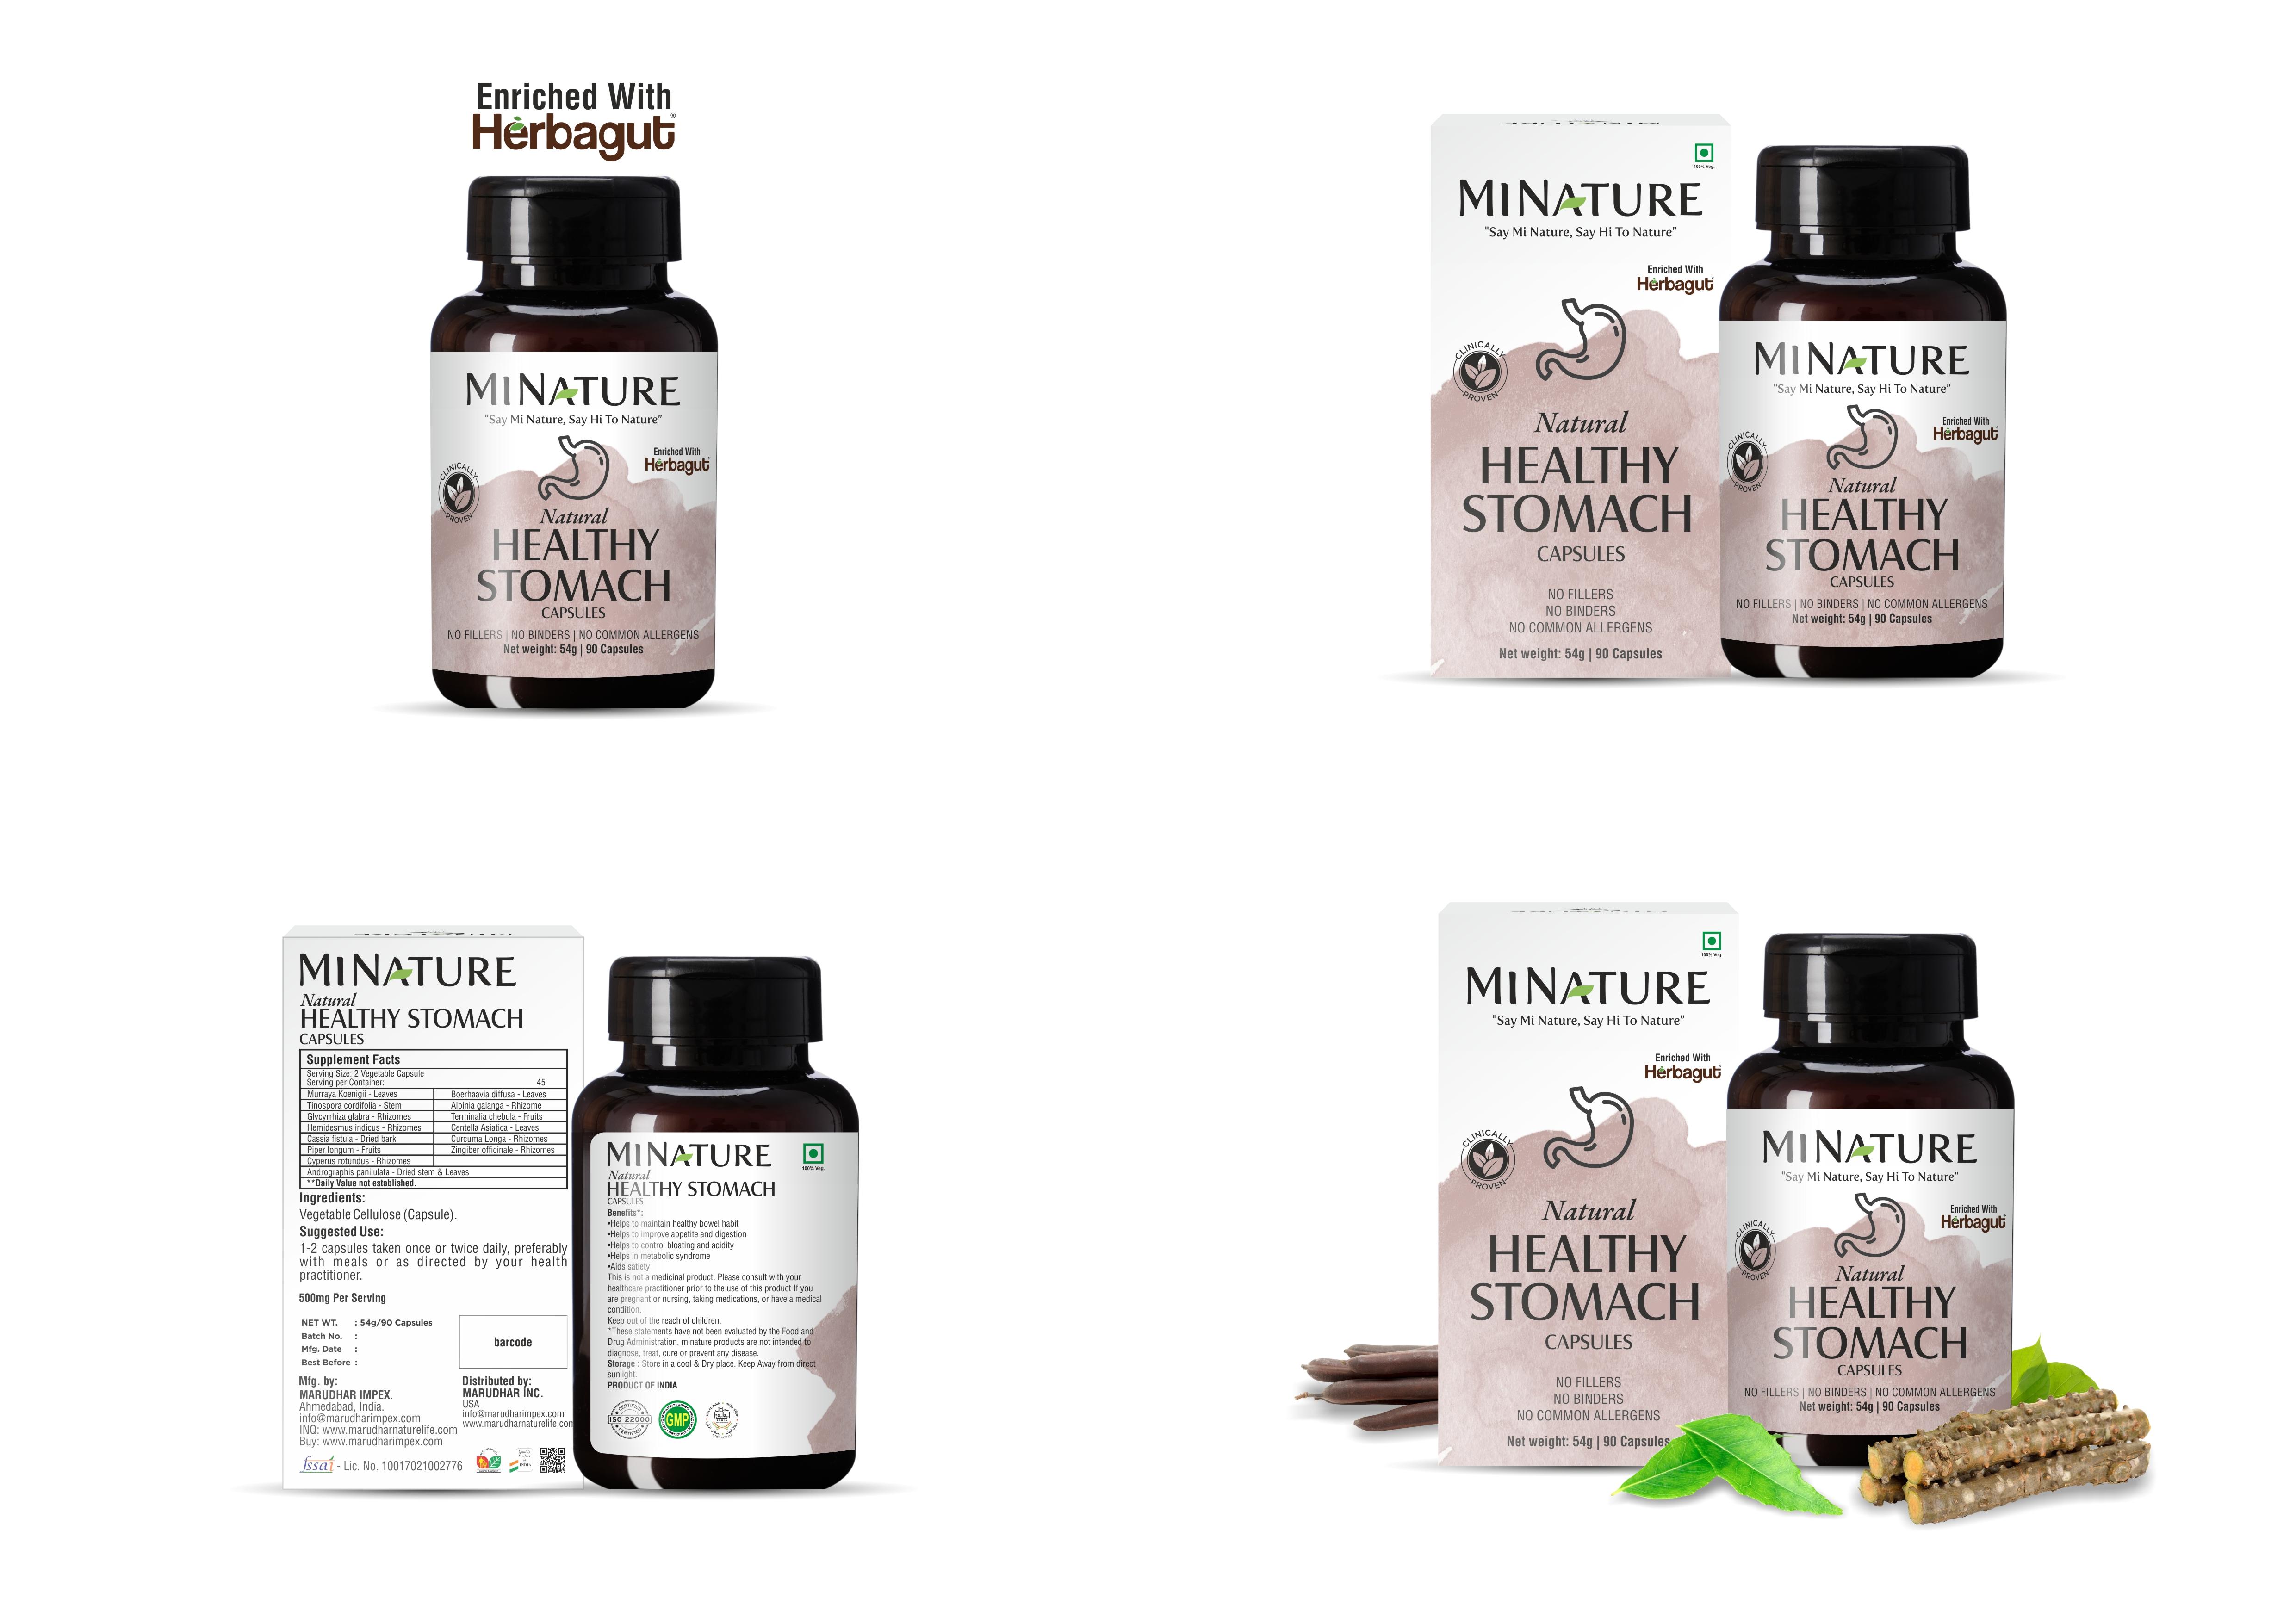 Натуральные клинически доказанные медицинские добавки, капсулы для здорового желудка, 54 г